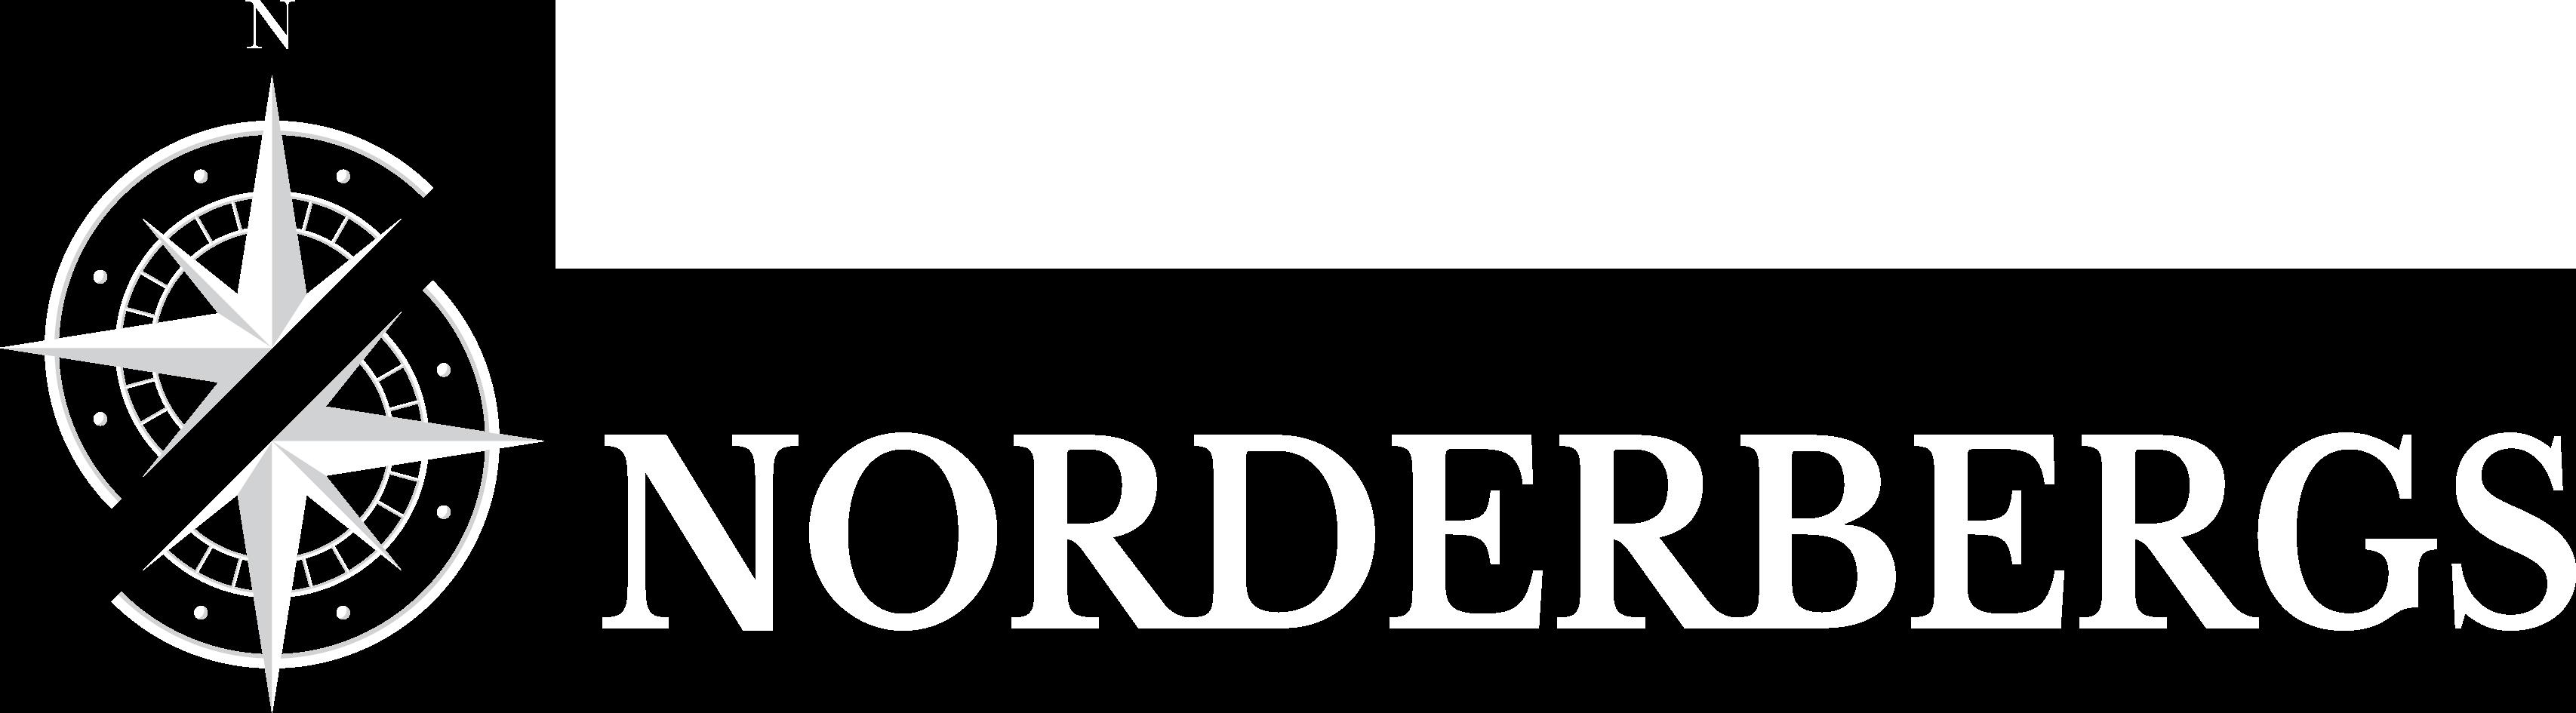 Norderbergs logo white